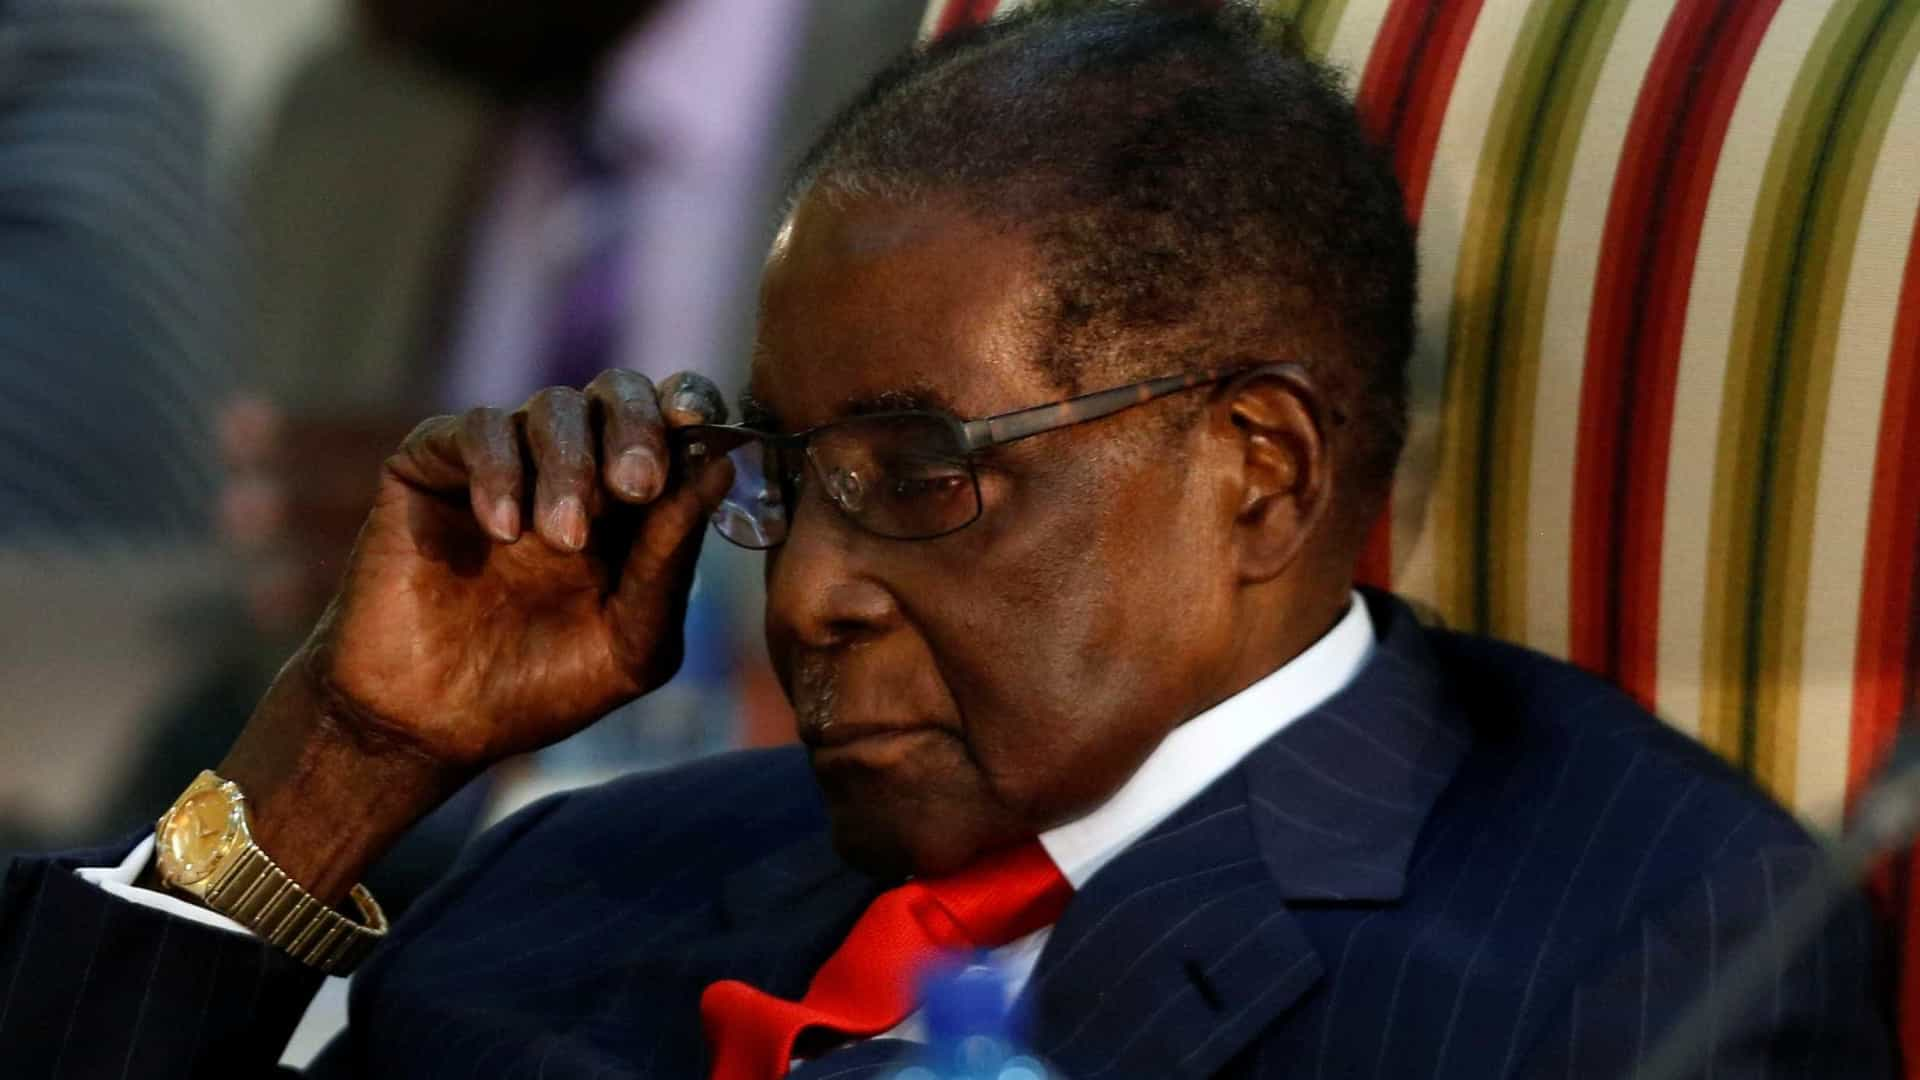 Robert Mugabe visto em público pela primeira vez após golpe militar